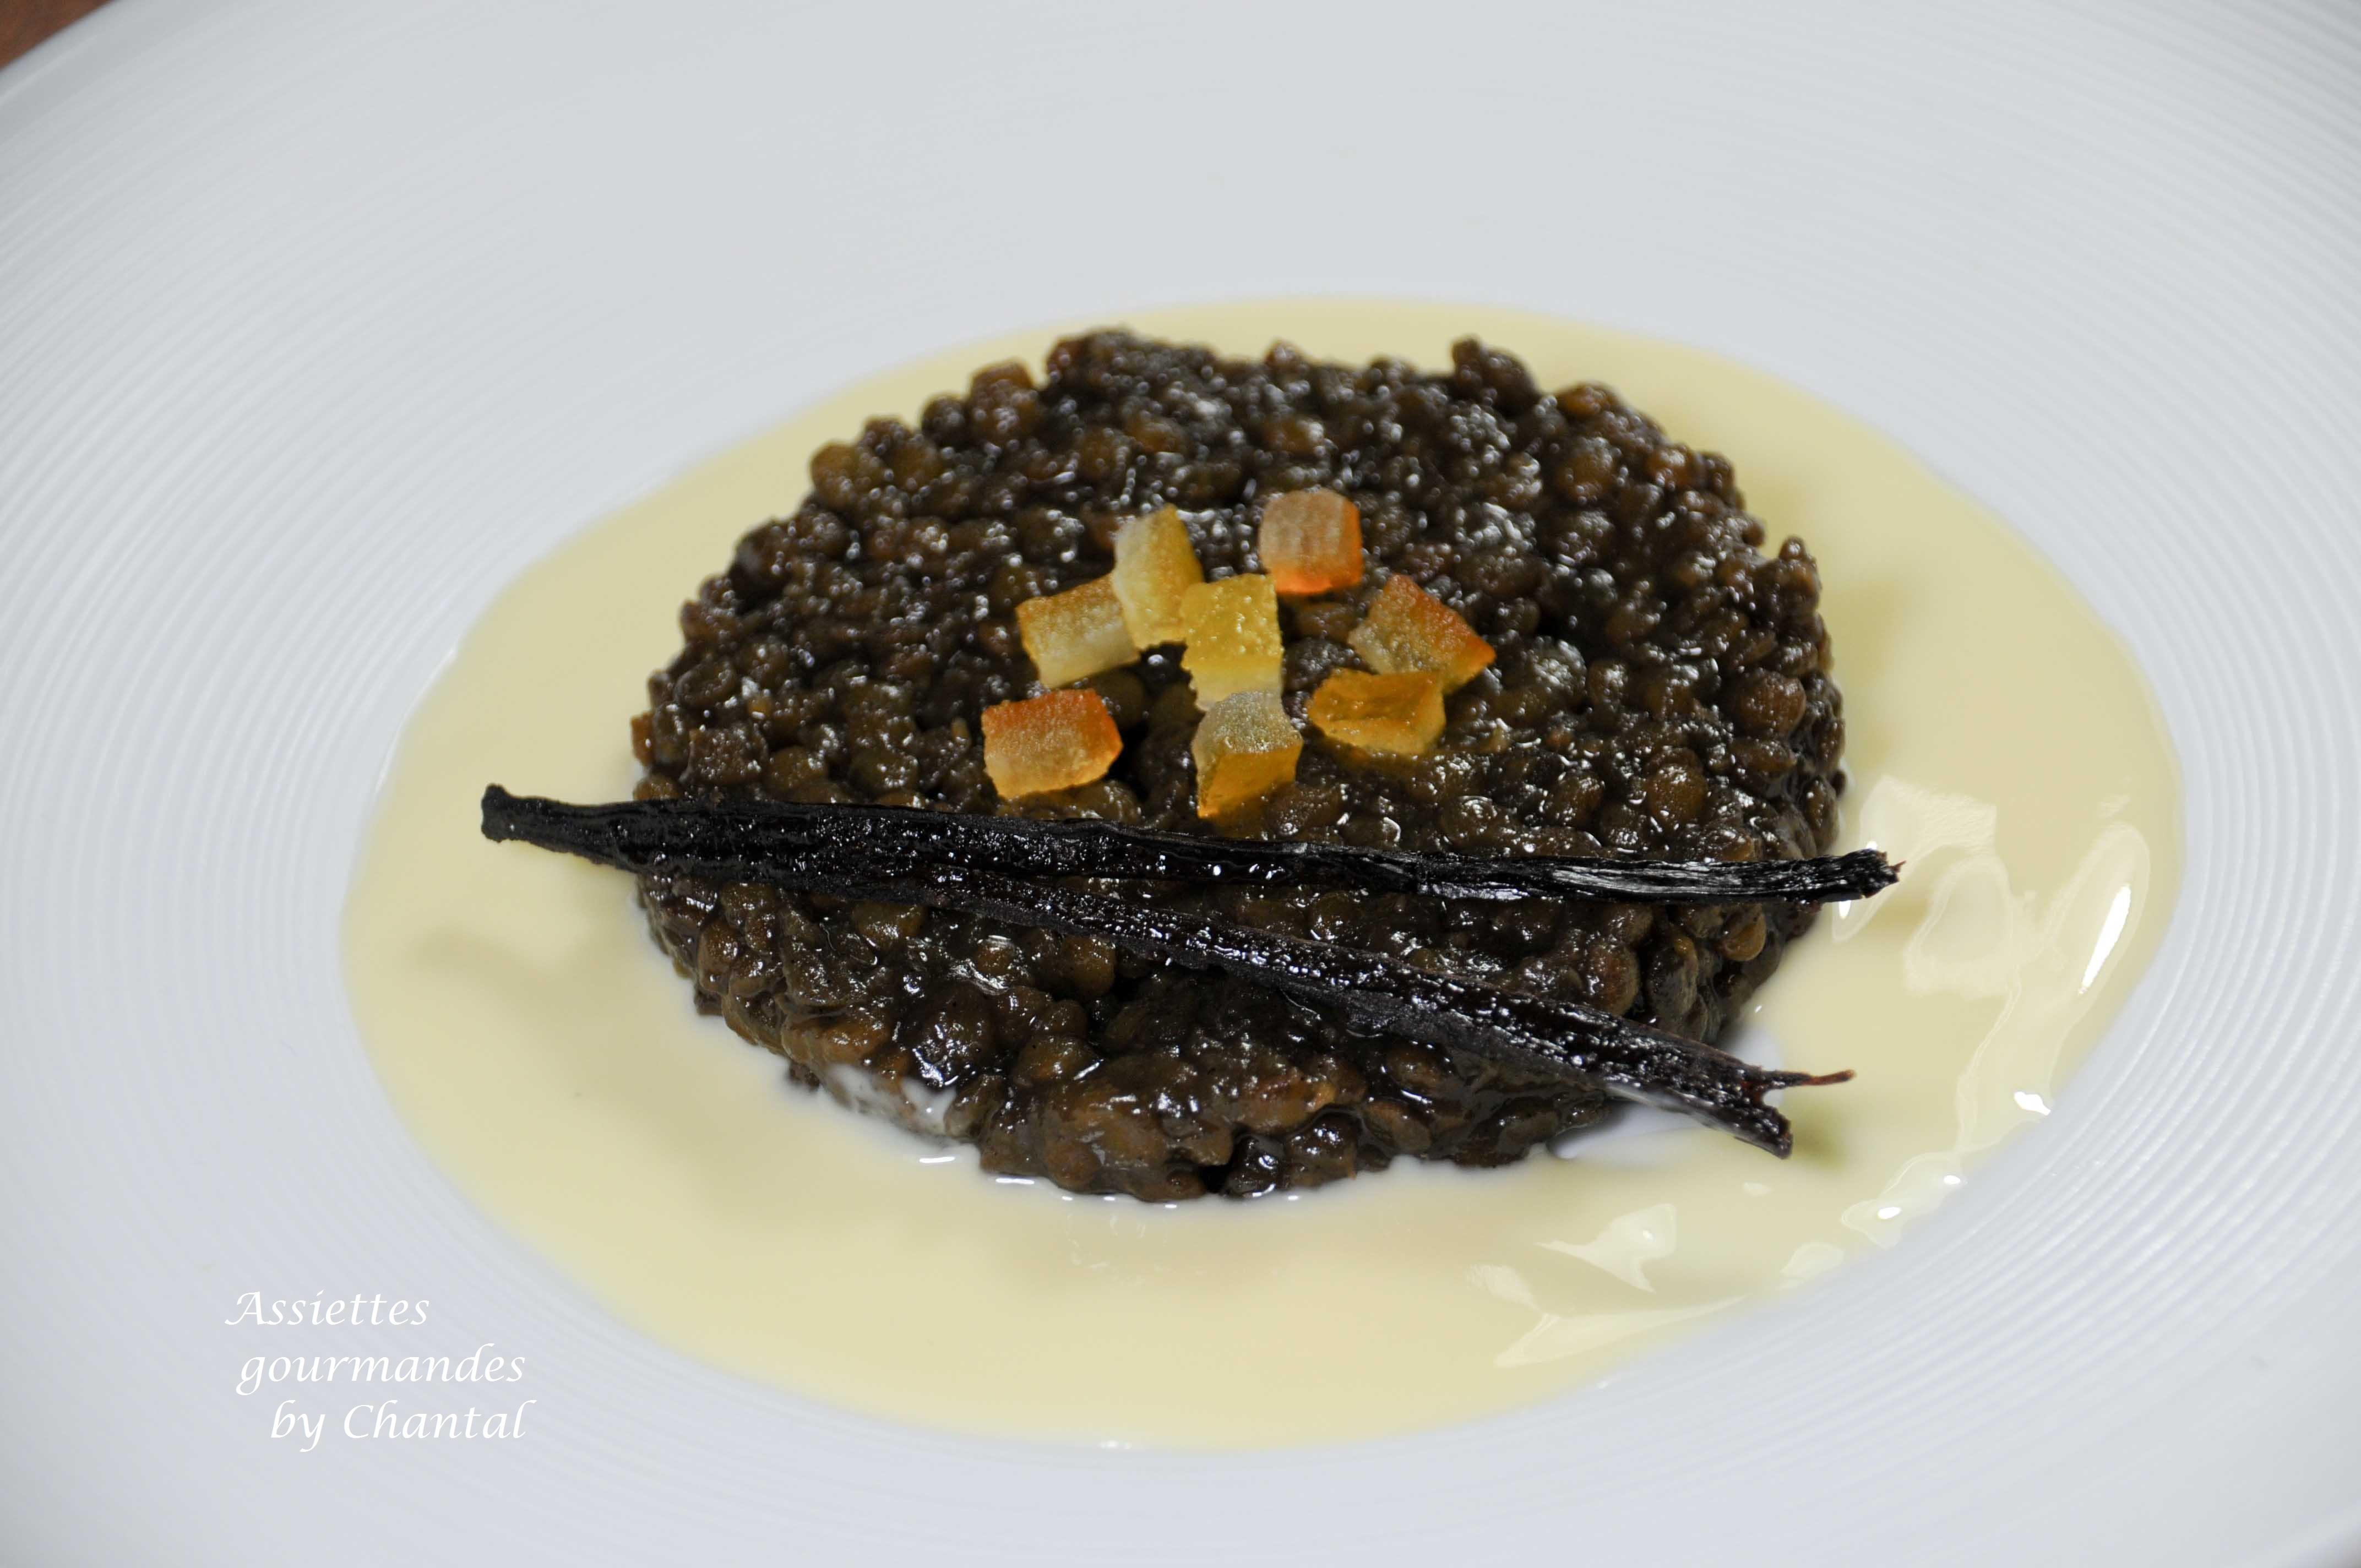 Lentilles confites en dessert